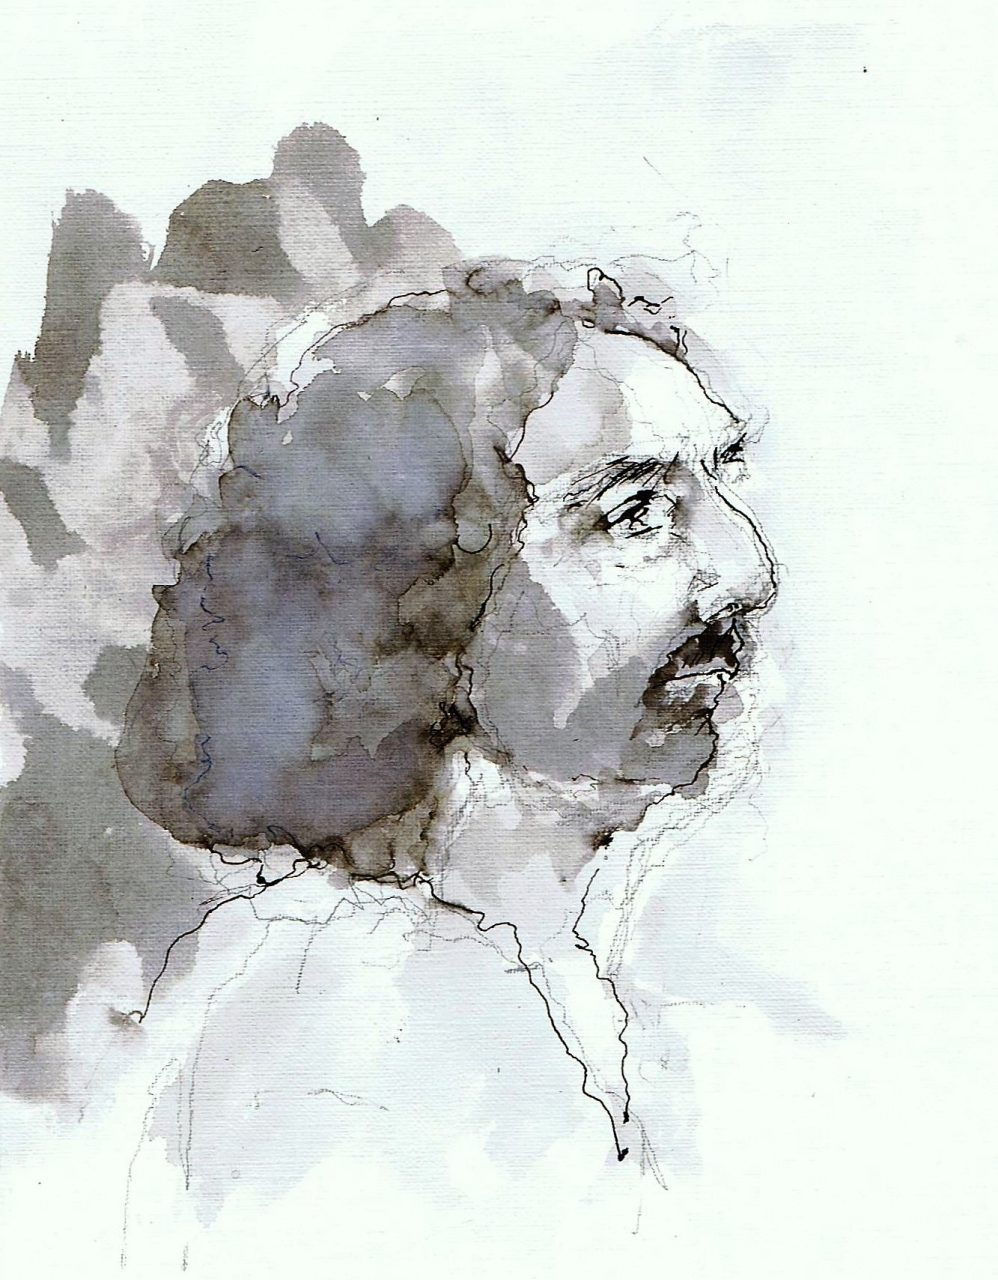 365 dagen een portret MIke, model Inkt gewassen 19c25